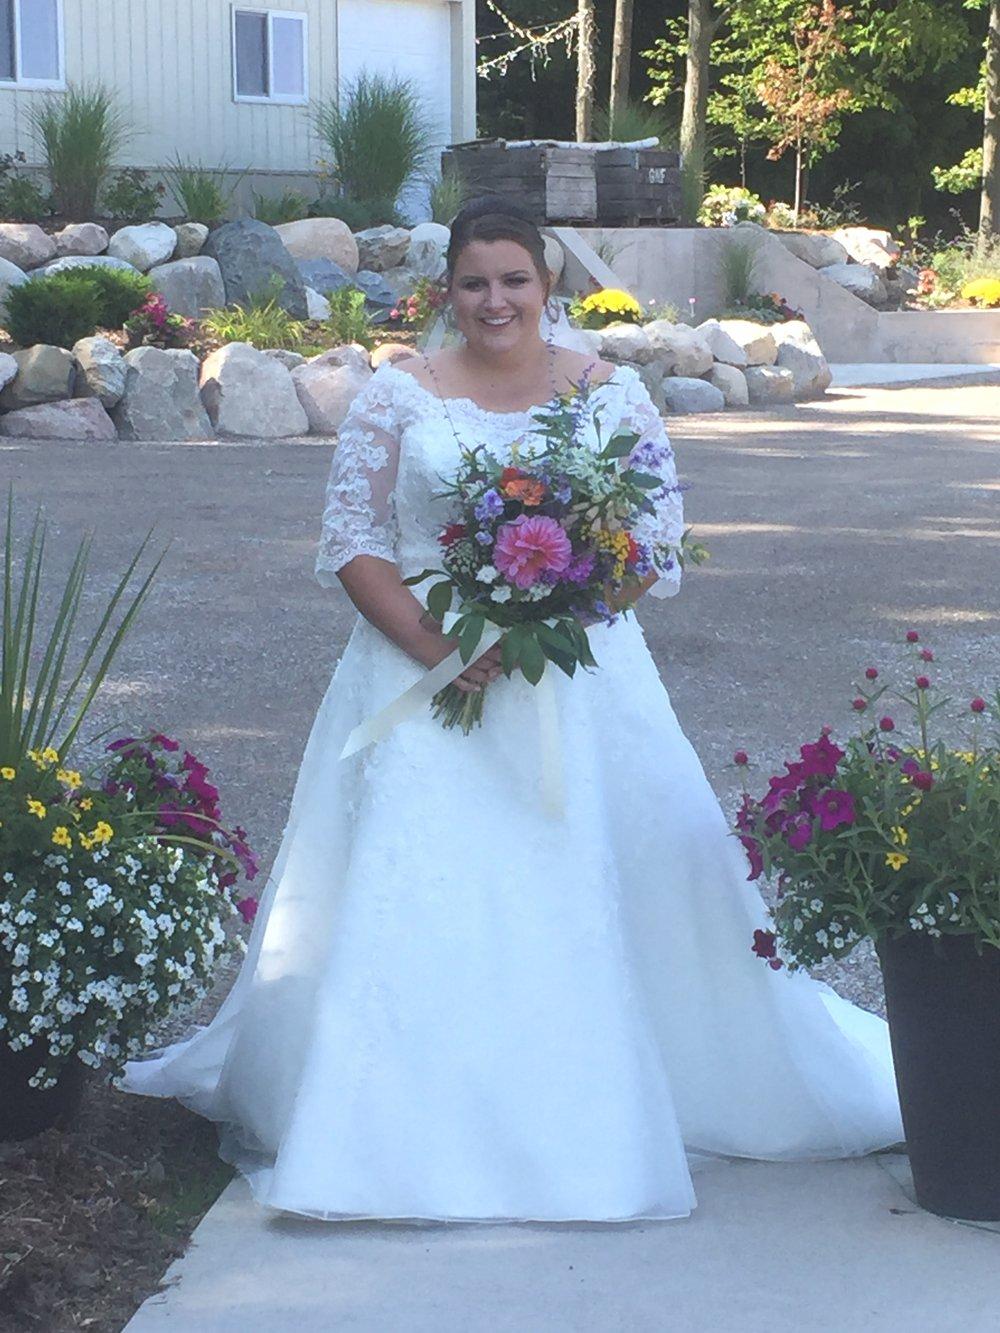 Erika on her wedding day!